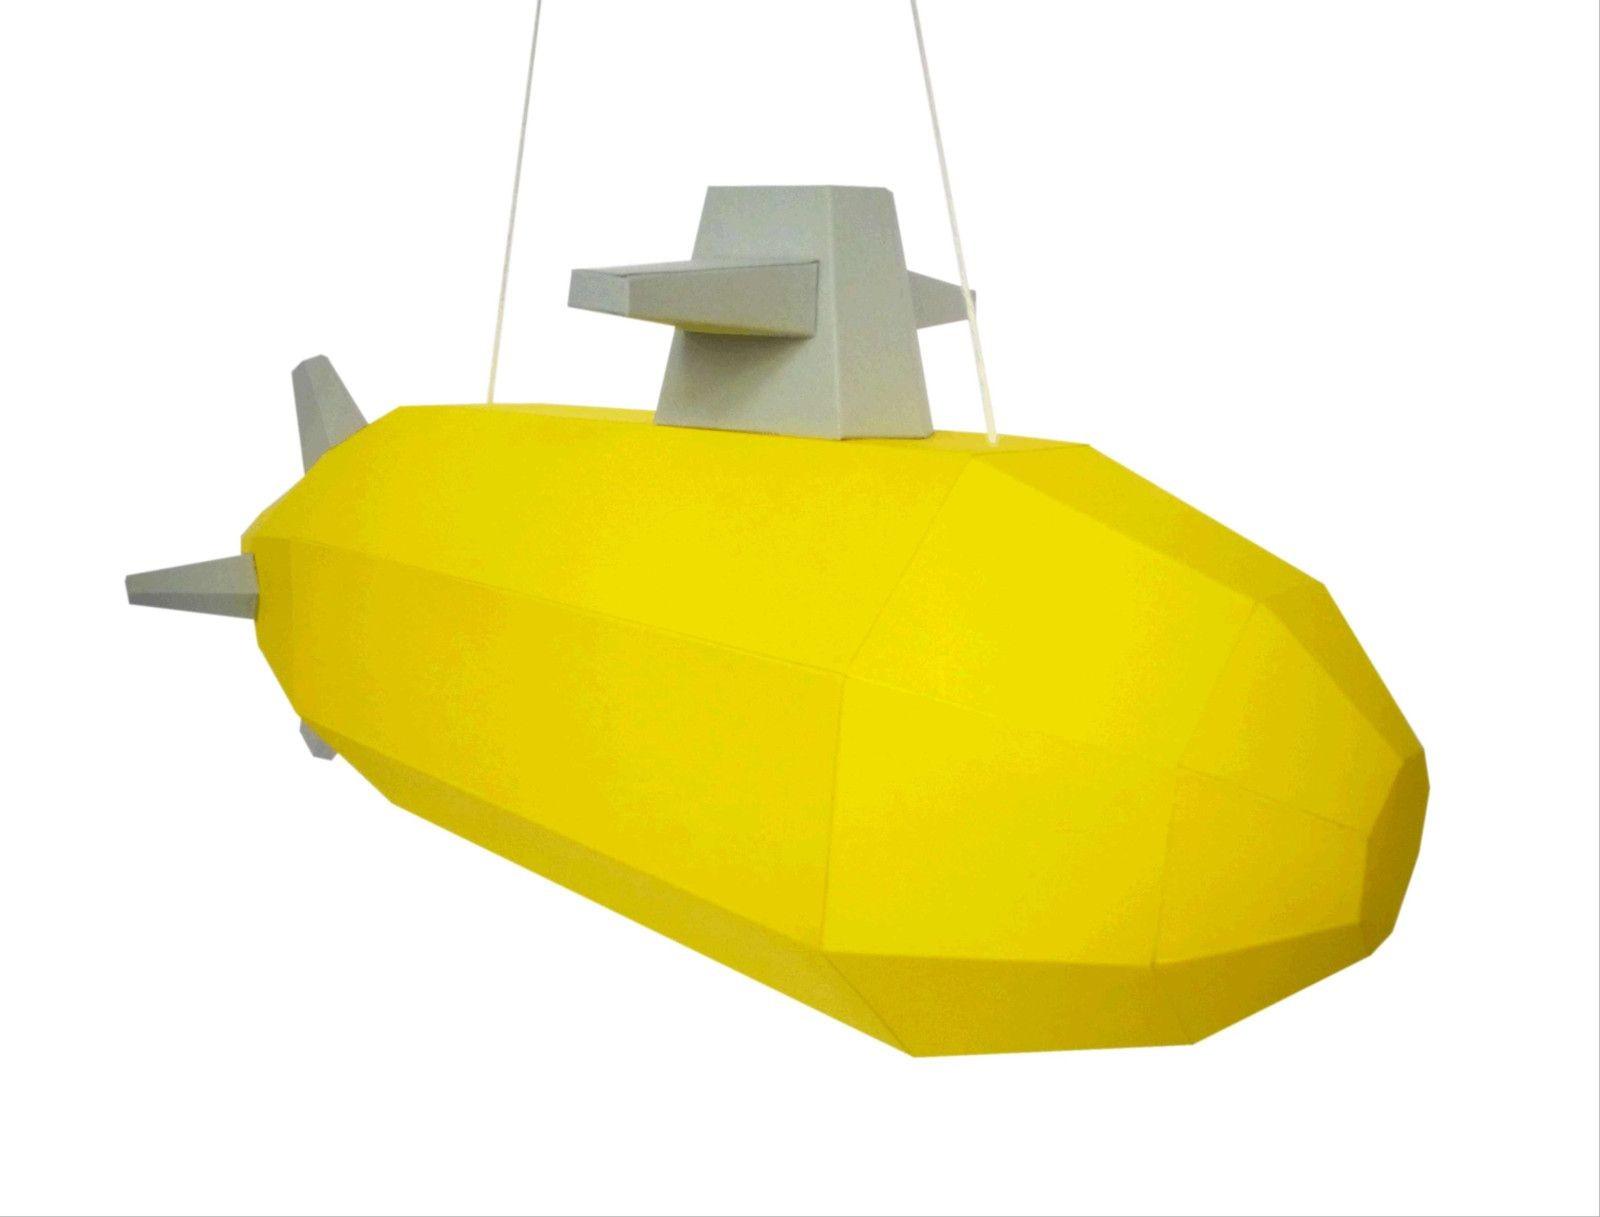 Submarine Papercraft Yellow Submarine Staňte Se Kapitánem žluté Ponorky Upozorněn